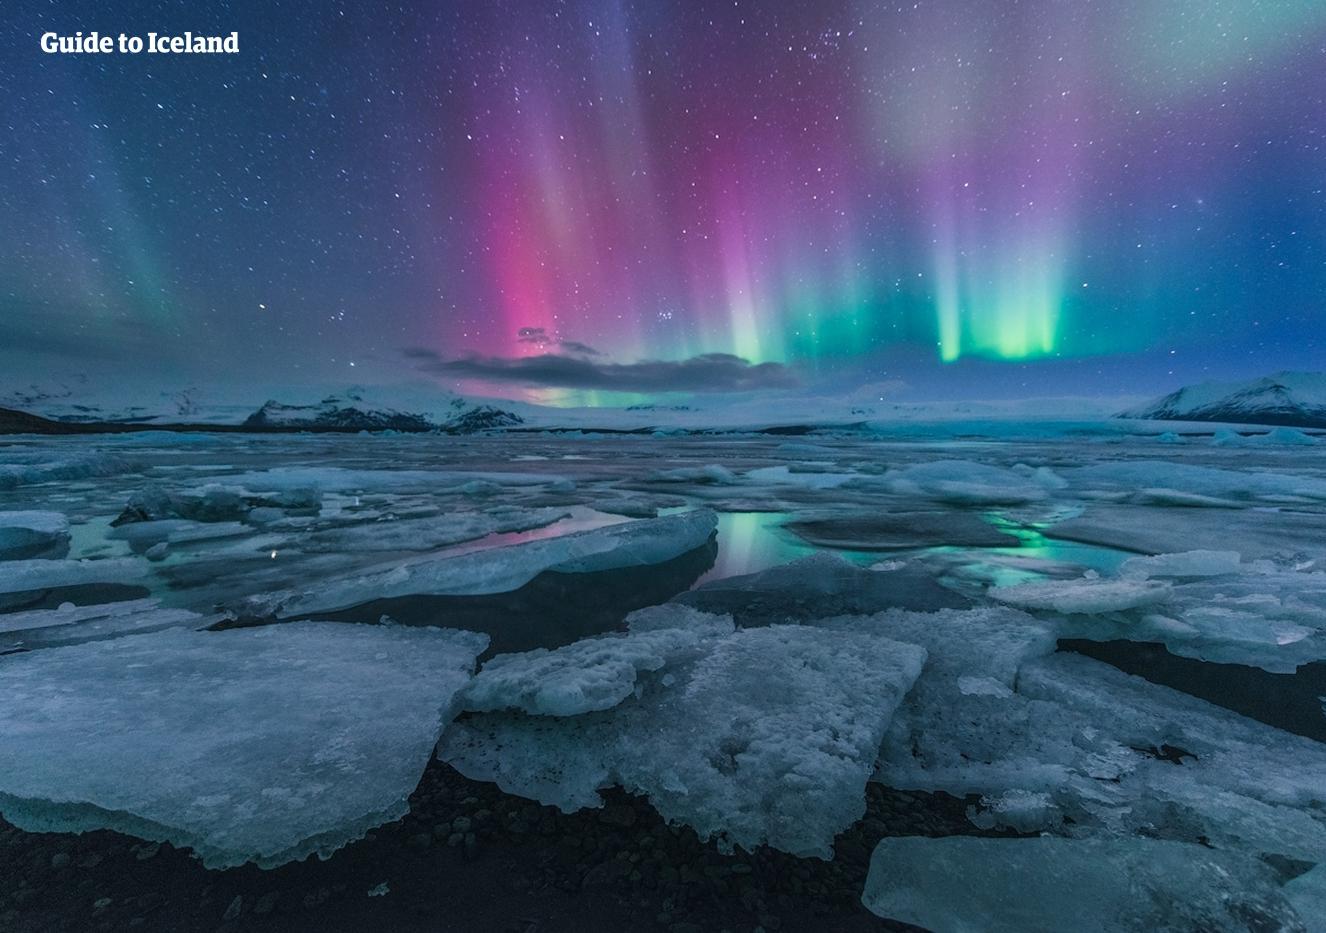 Die wunderschönen Nordlichter tanzen am Himmel über der Gletscherlagune Jökulsarlon.